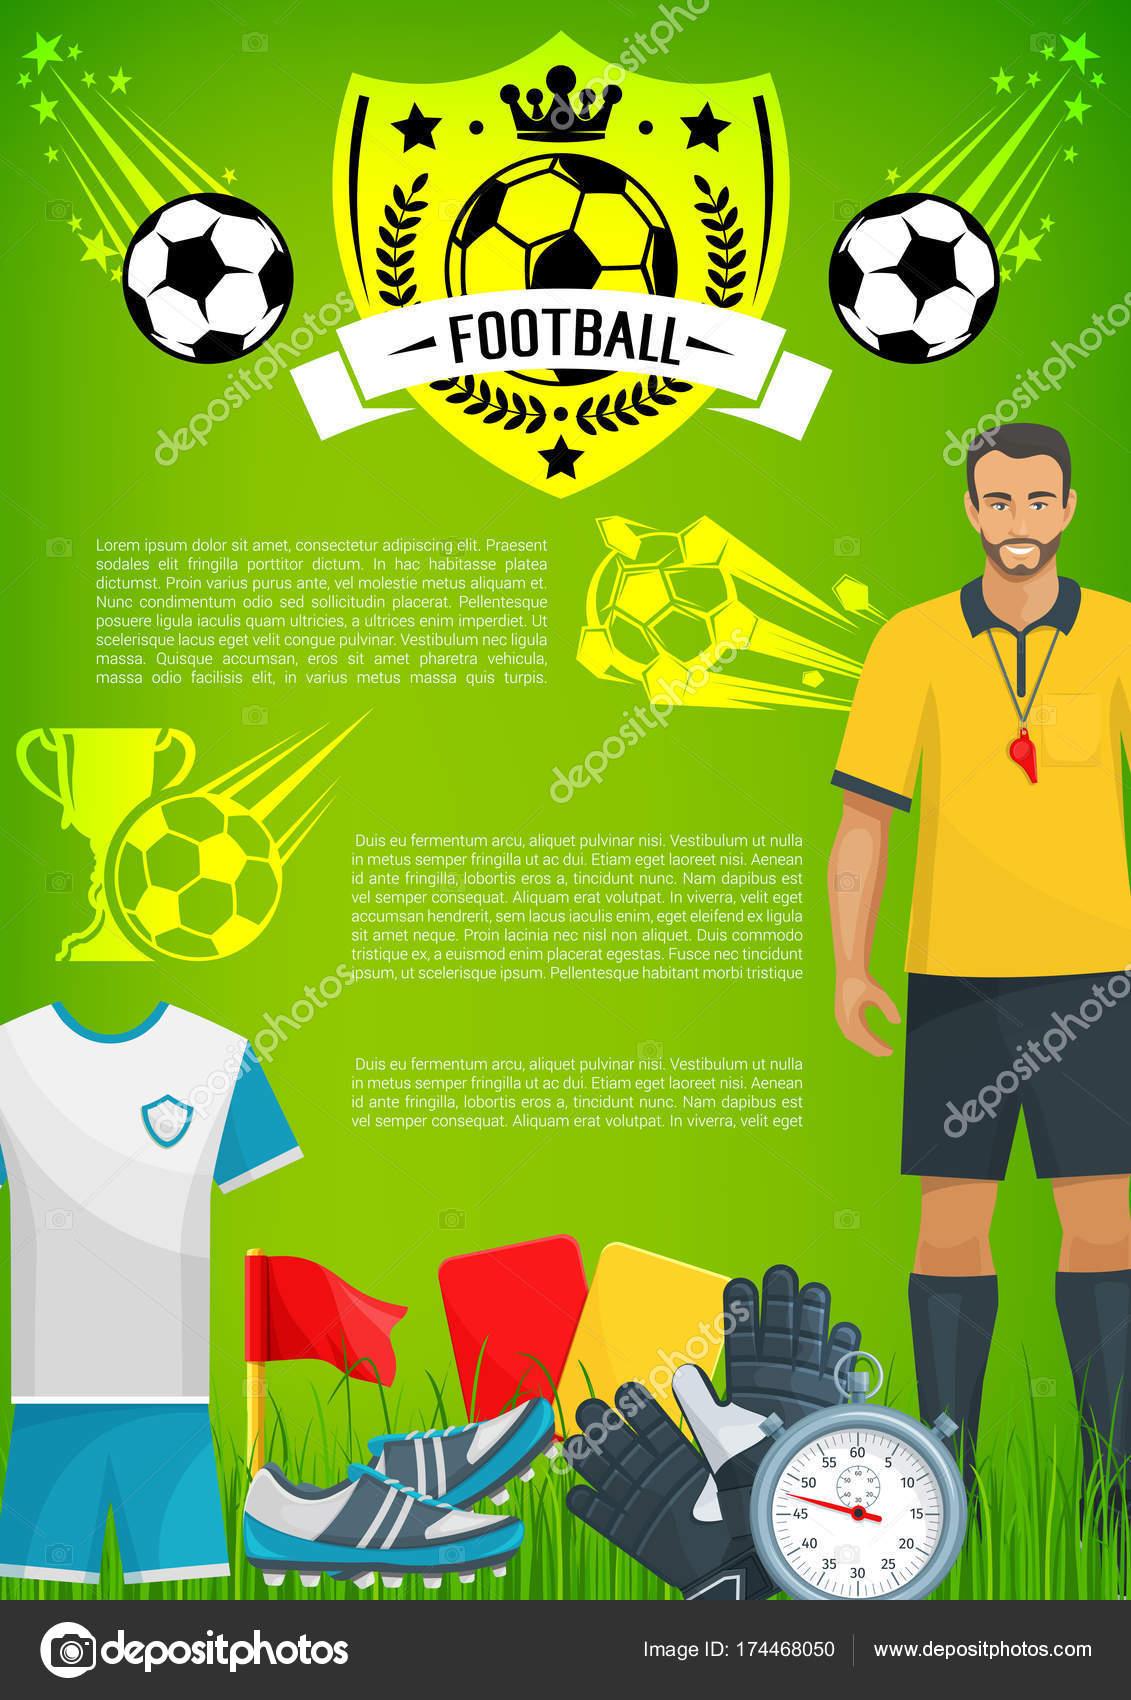 aaf31222e Futebol esporte jogo banner com o emblema do clube de futebol — Vetor de  Stock